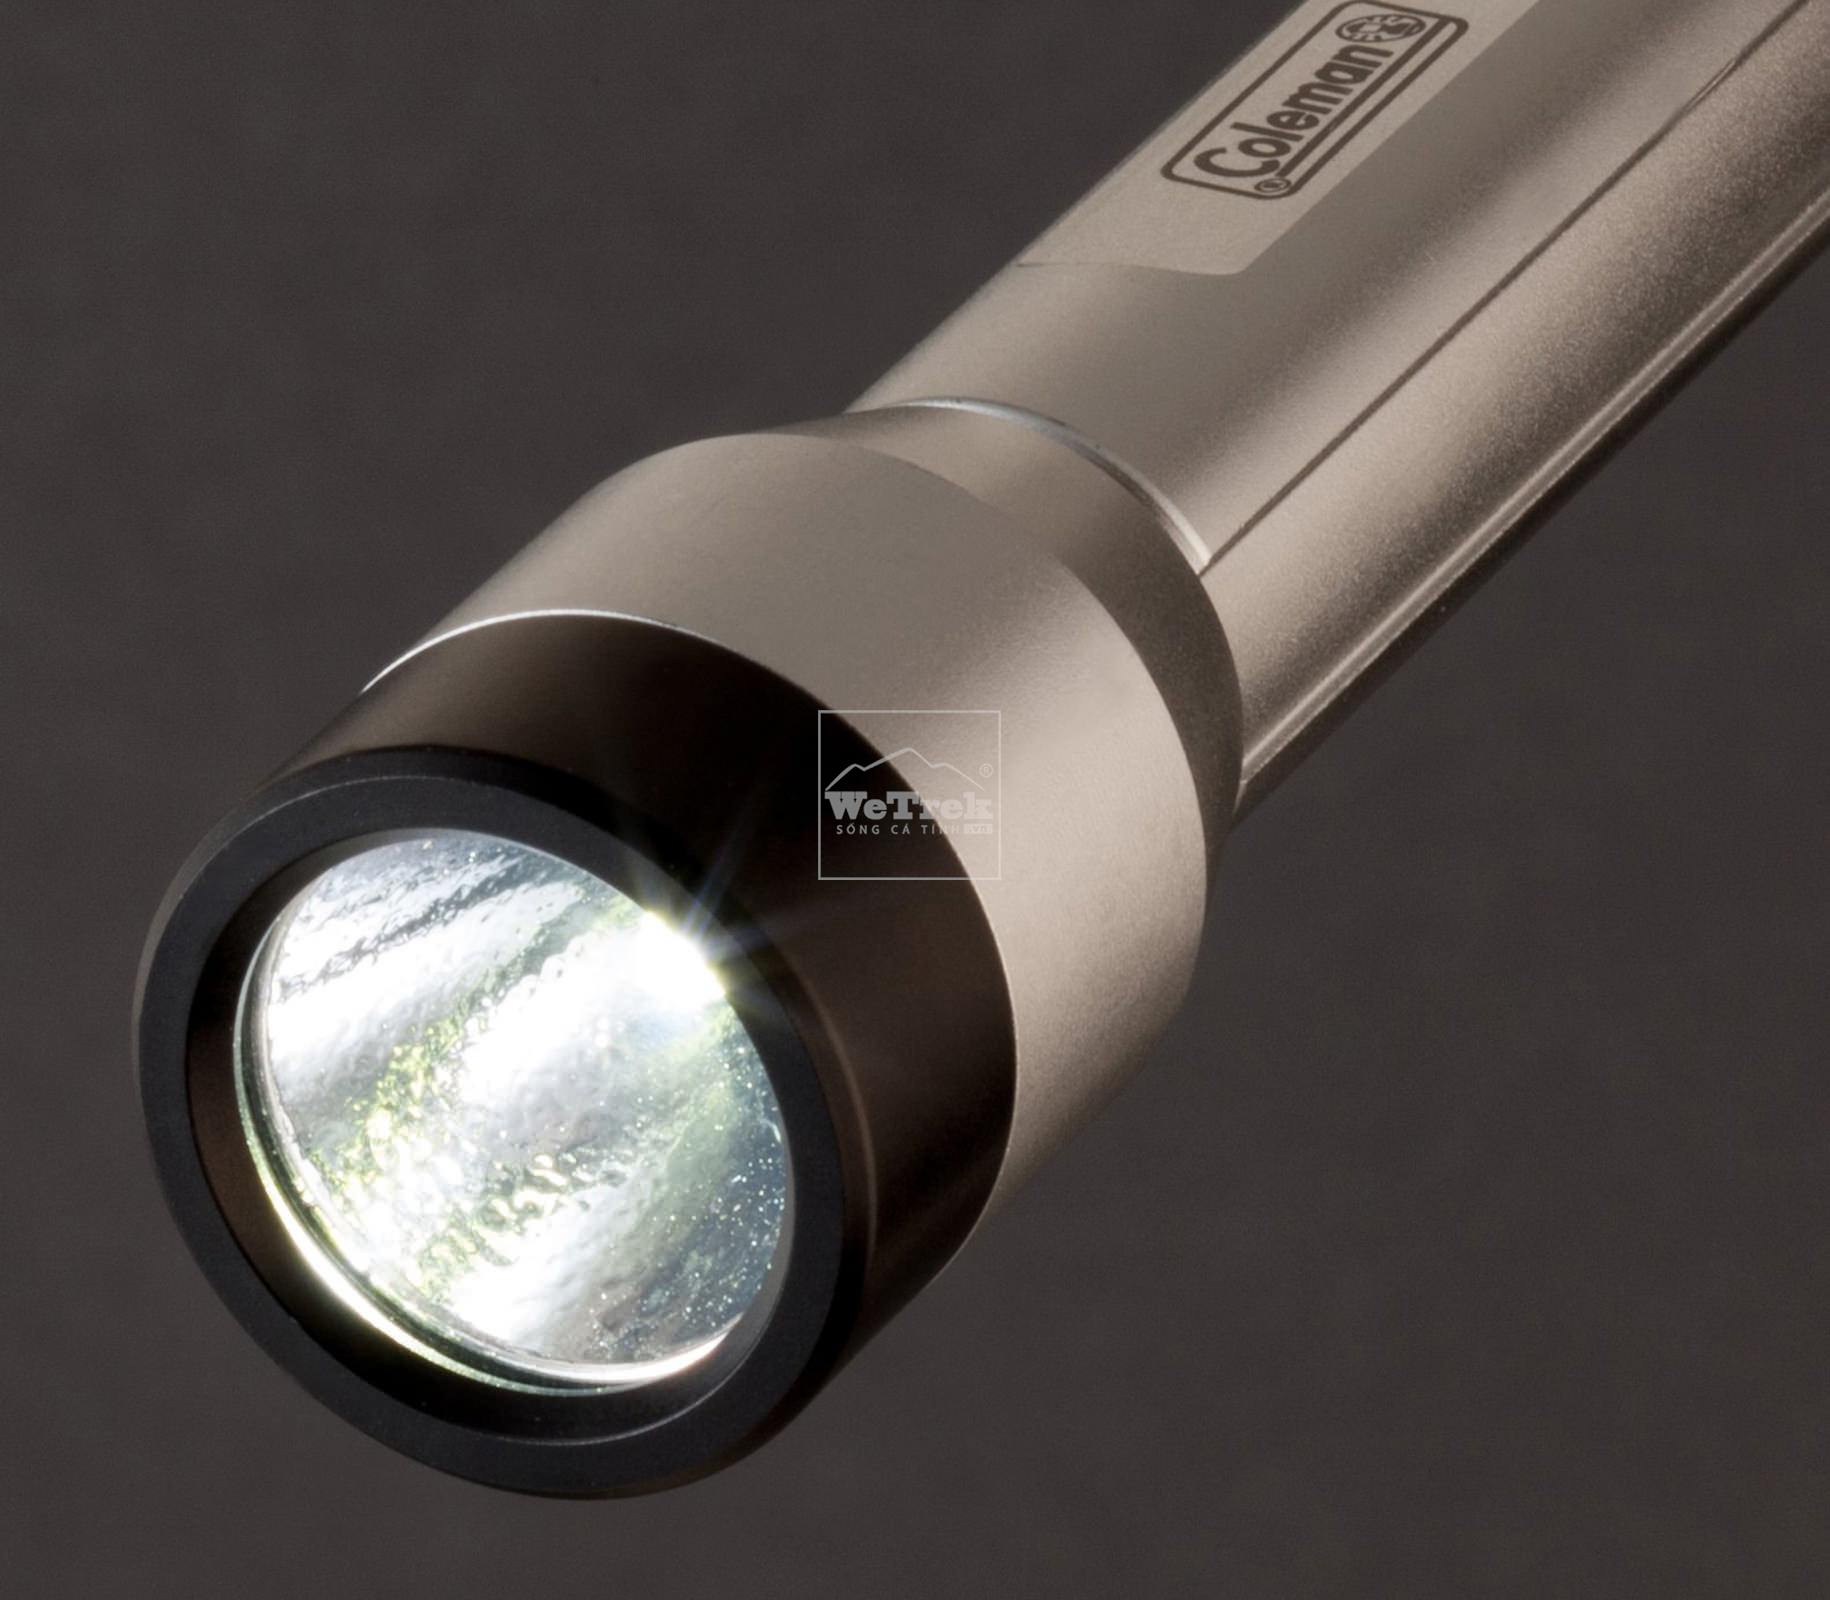 den-pin-coleman-batterylock-40-2000022306-5929-wetrek.vn-1